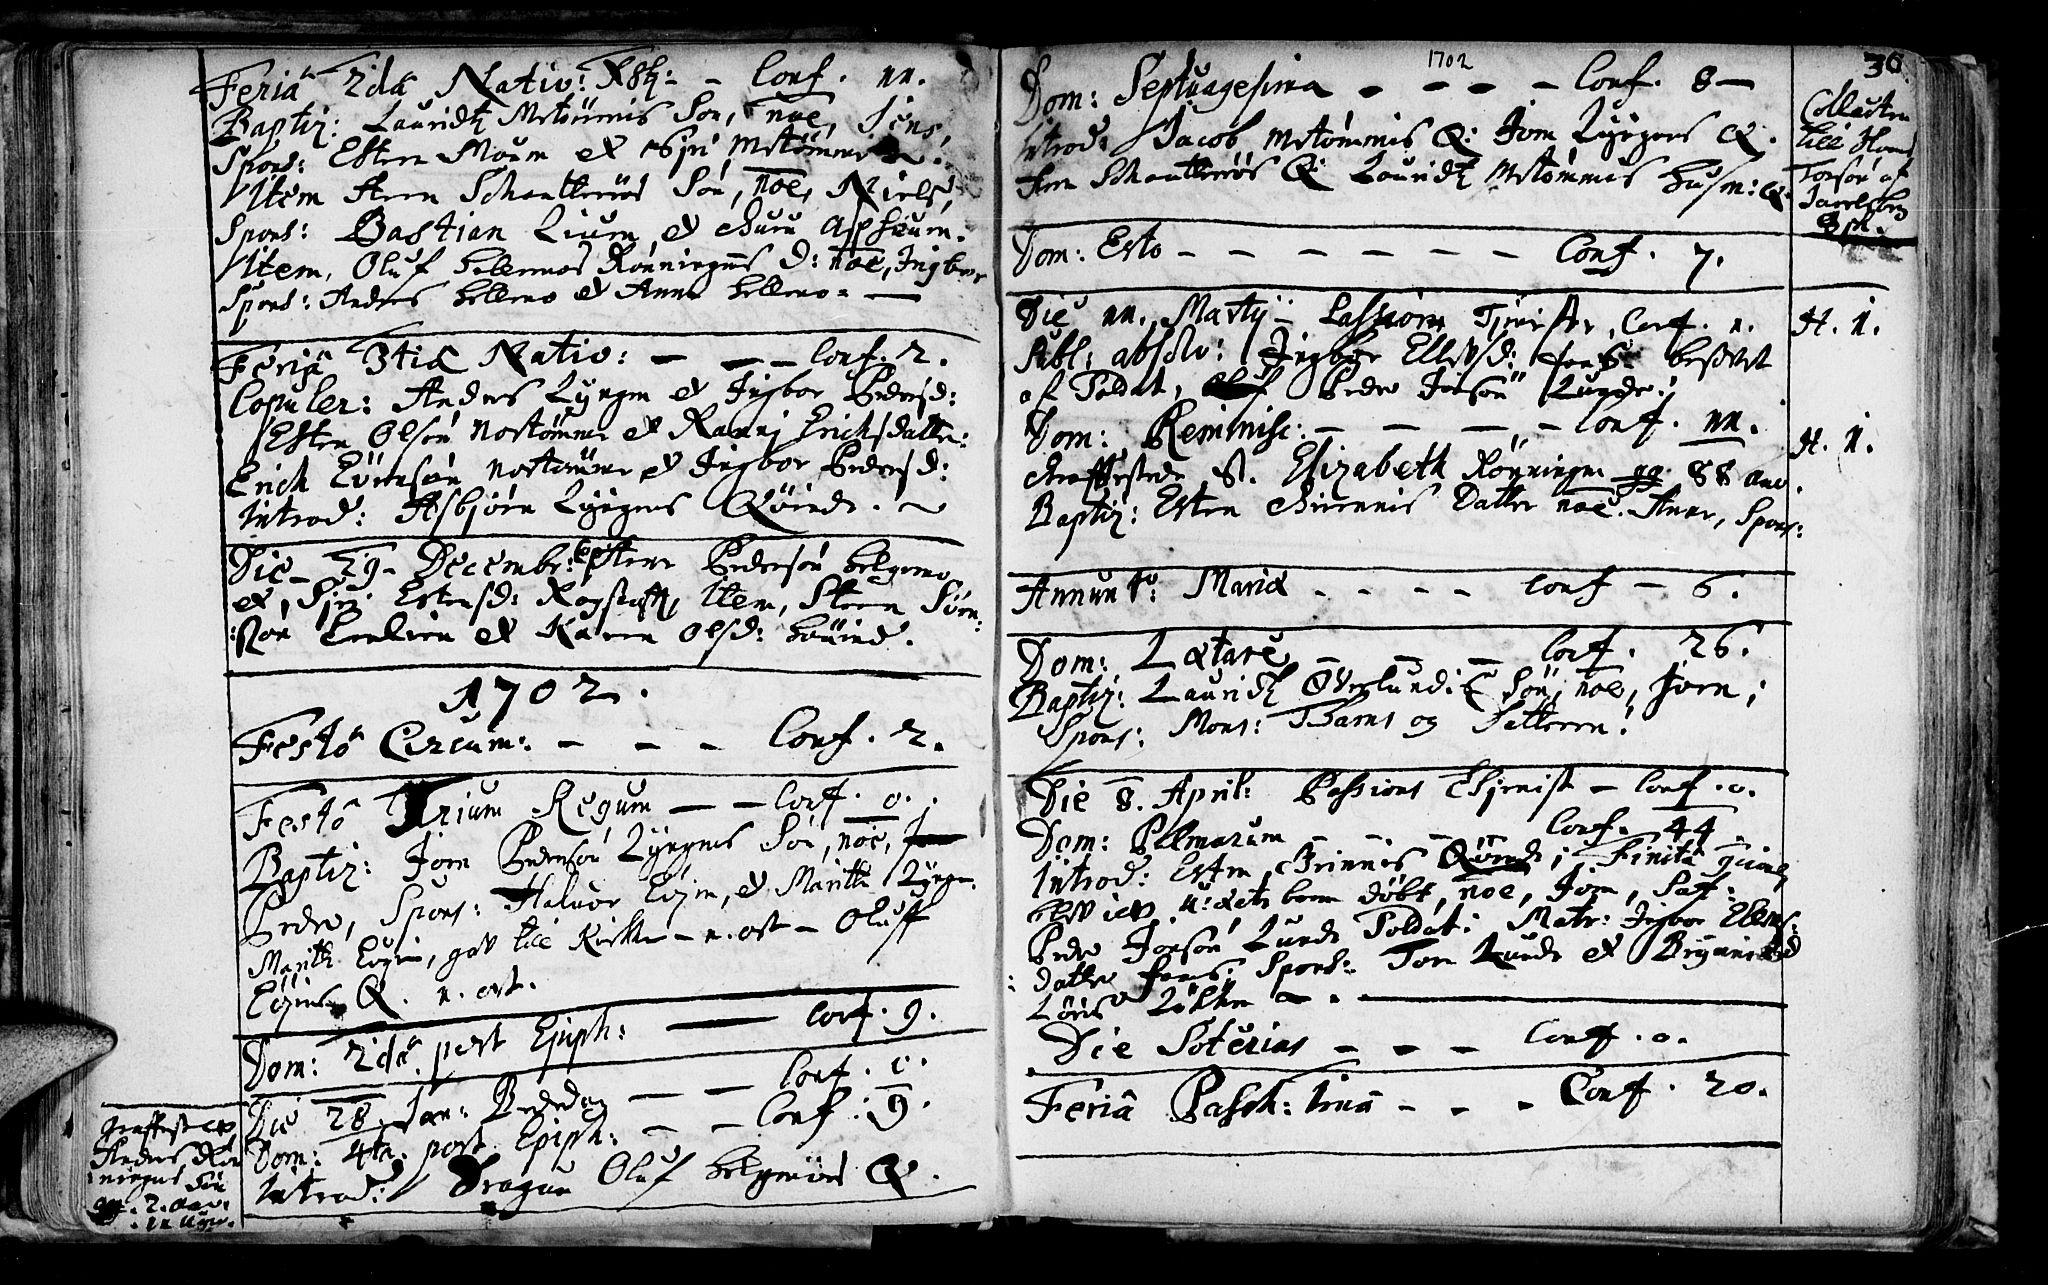 SAT, Ministerialprotokoller, klokkerbøker og fødselsregistre - Sør-Trøndelag, 692/L1101: Ministerialbok nr. 692A01, 1690-1746, s. 36